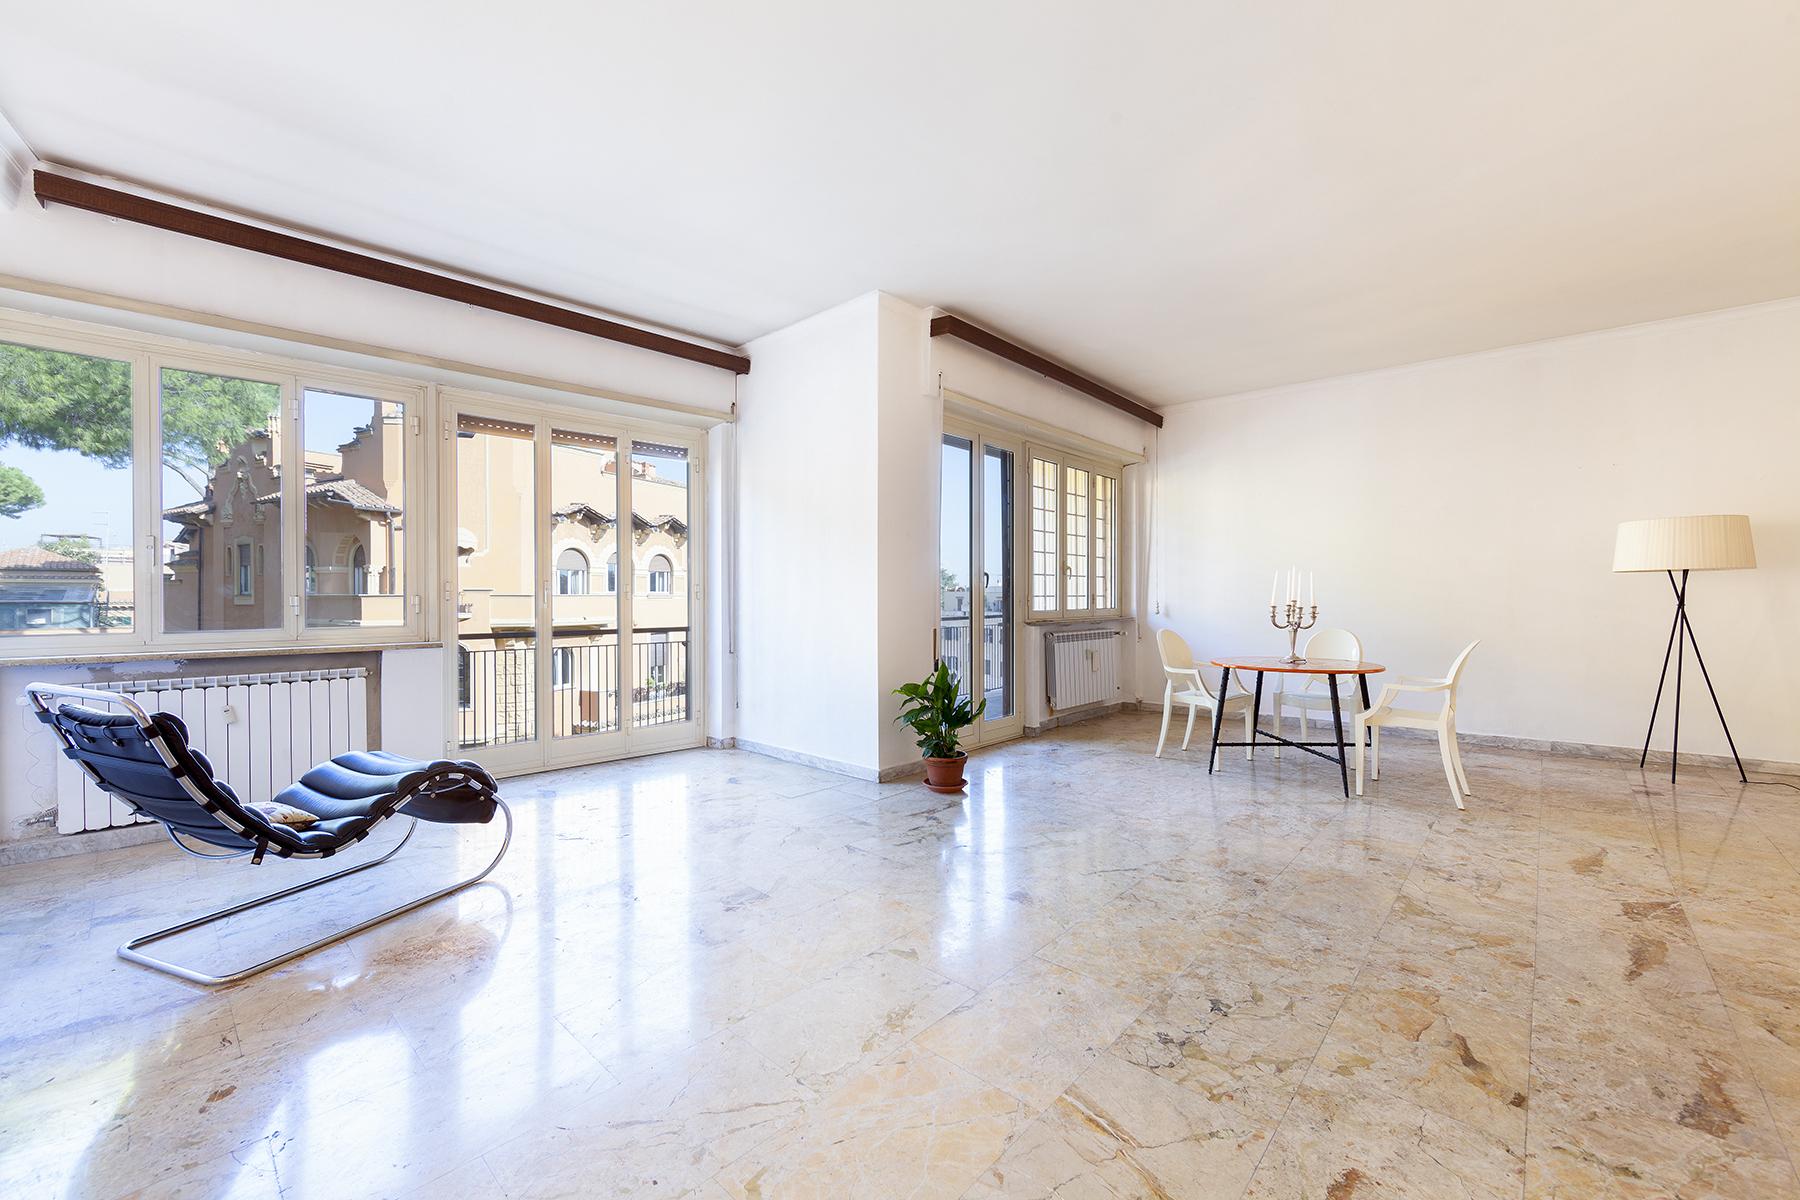 Appartamento in Vendita a Roma 29 Monteverde / Gianicolense / Colli Portuensi: 5 locali, 270 mq